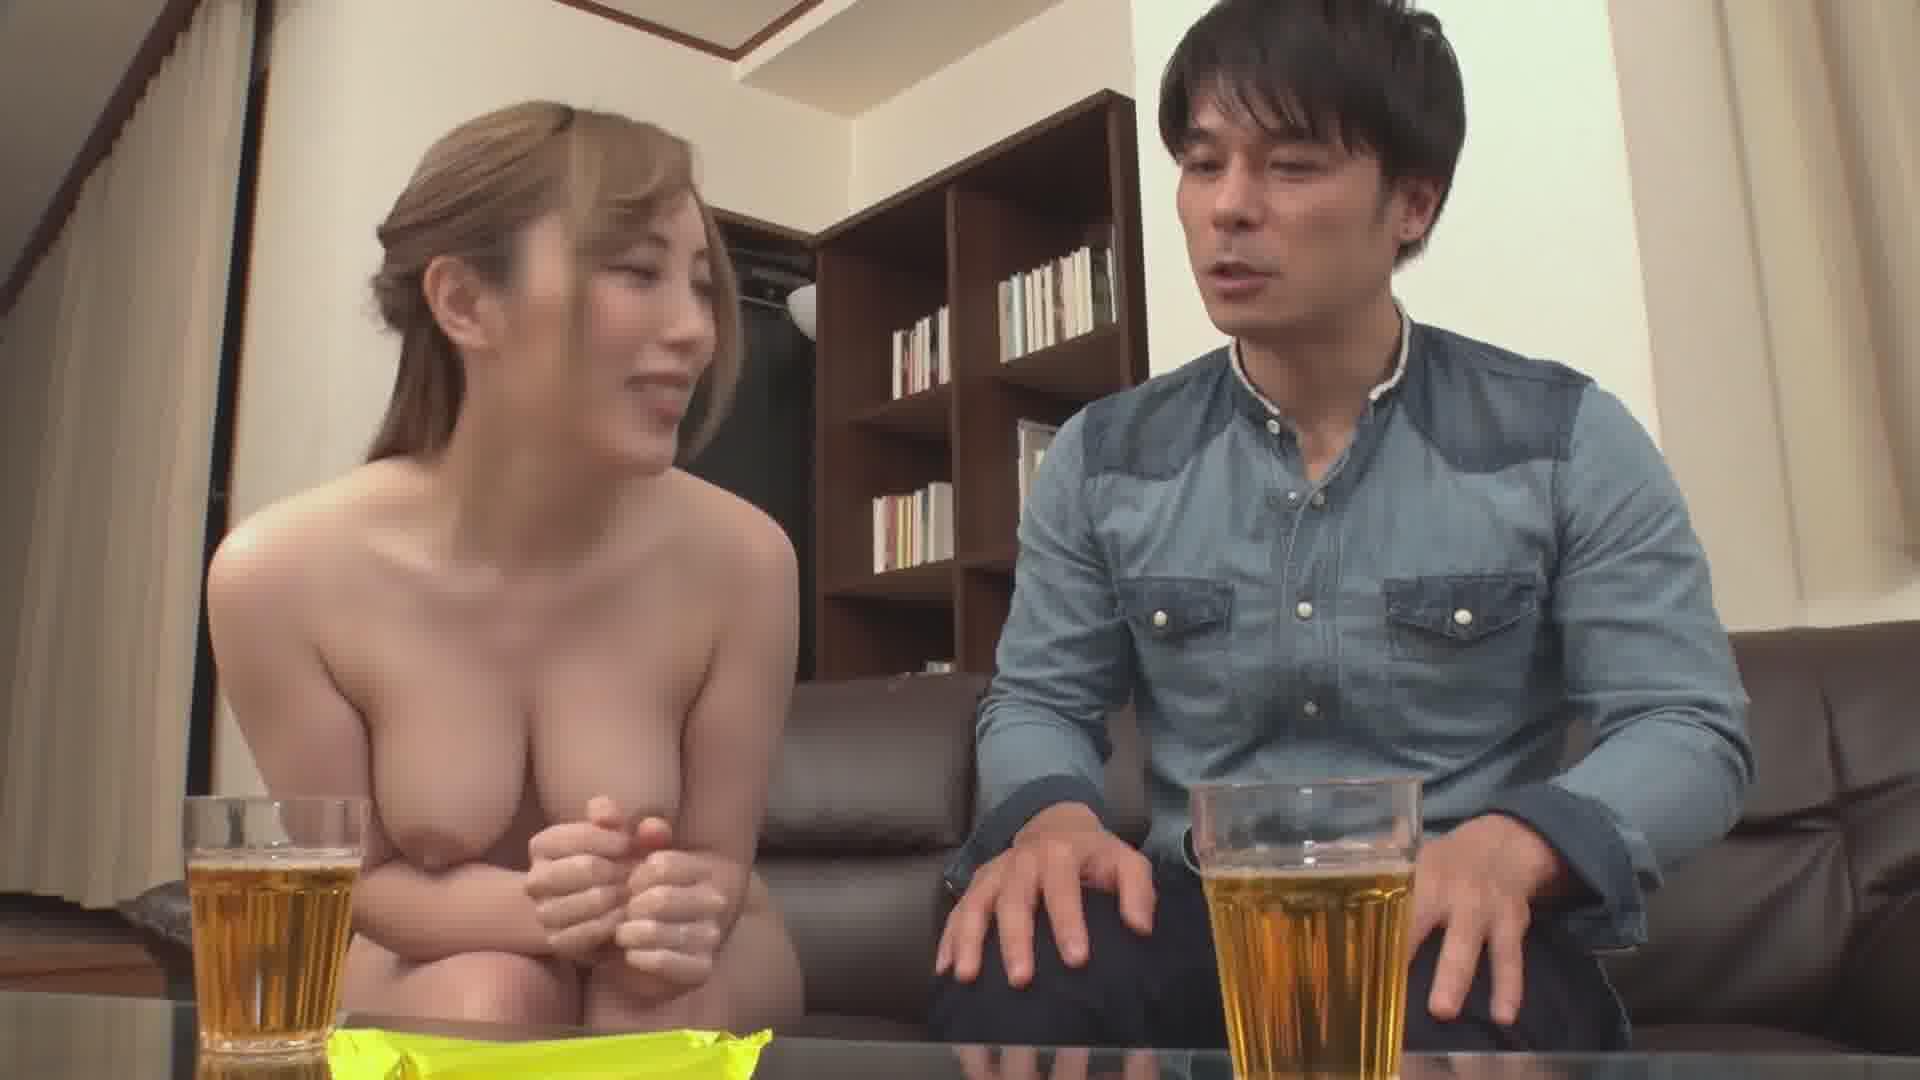 裸で客人を迎え入れる無防備すぎる美人妻 - 櫻木梨乃【巨乳・パイズリ・中出し】